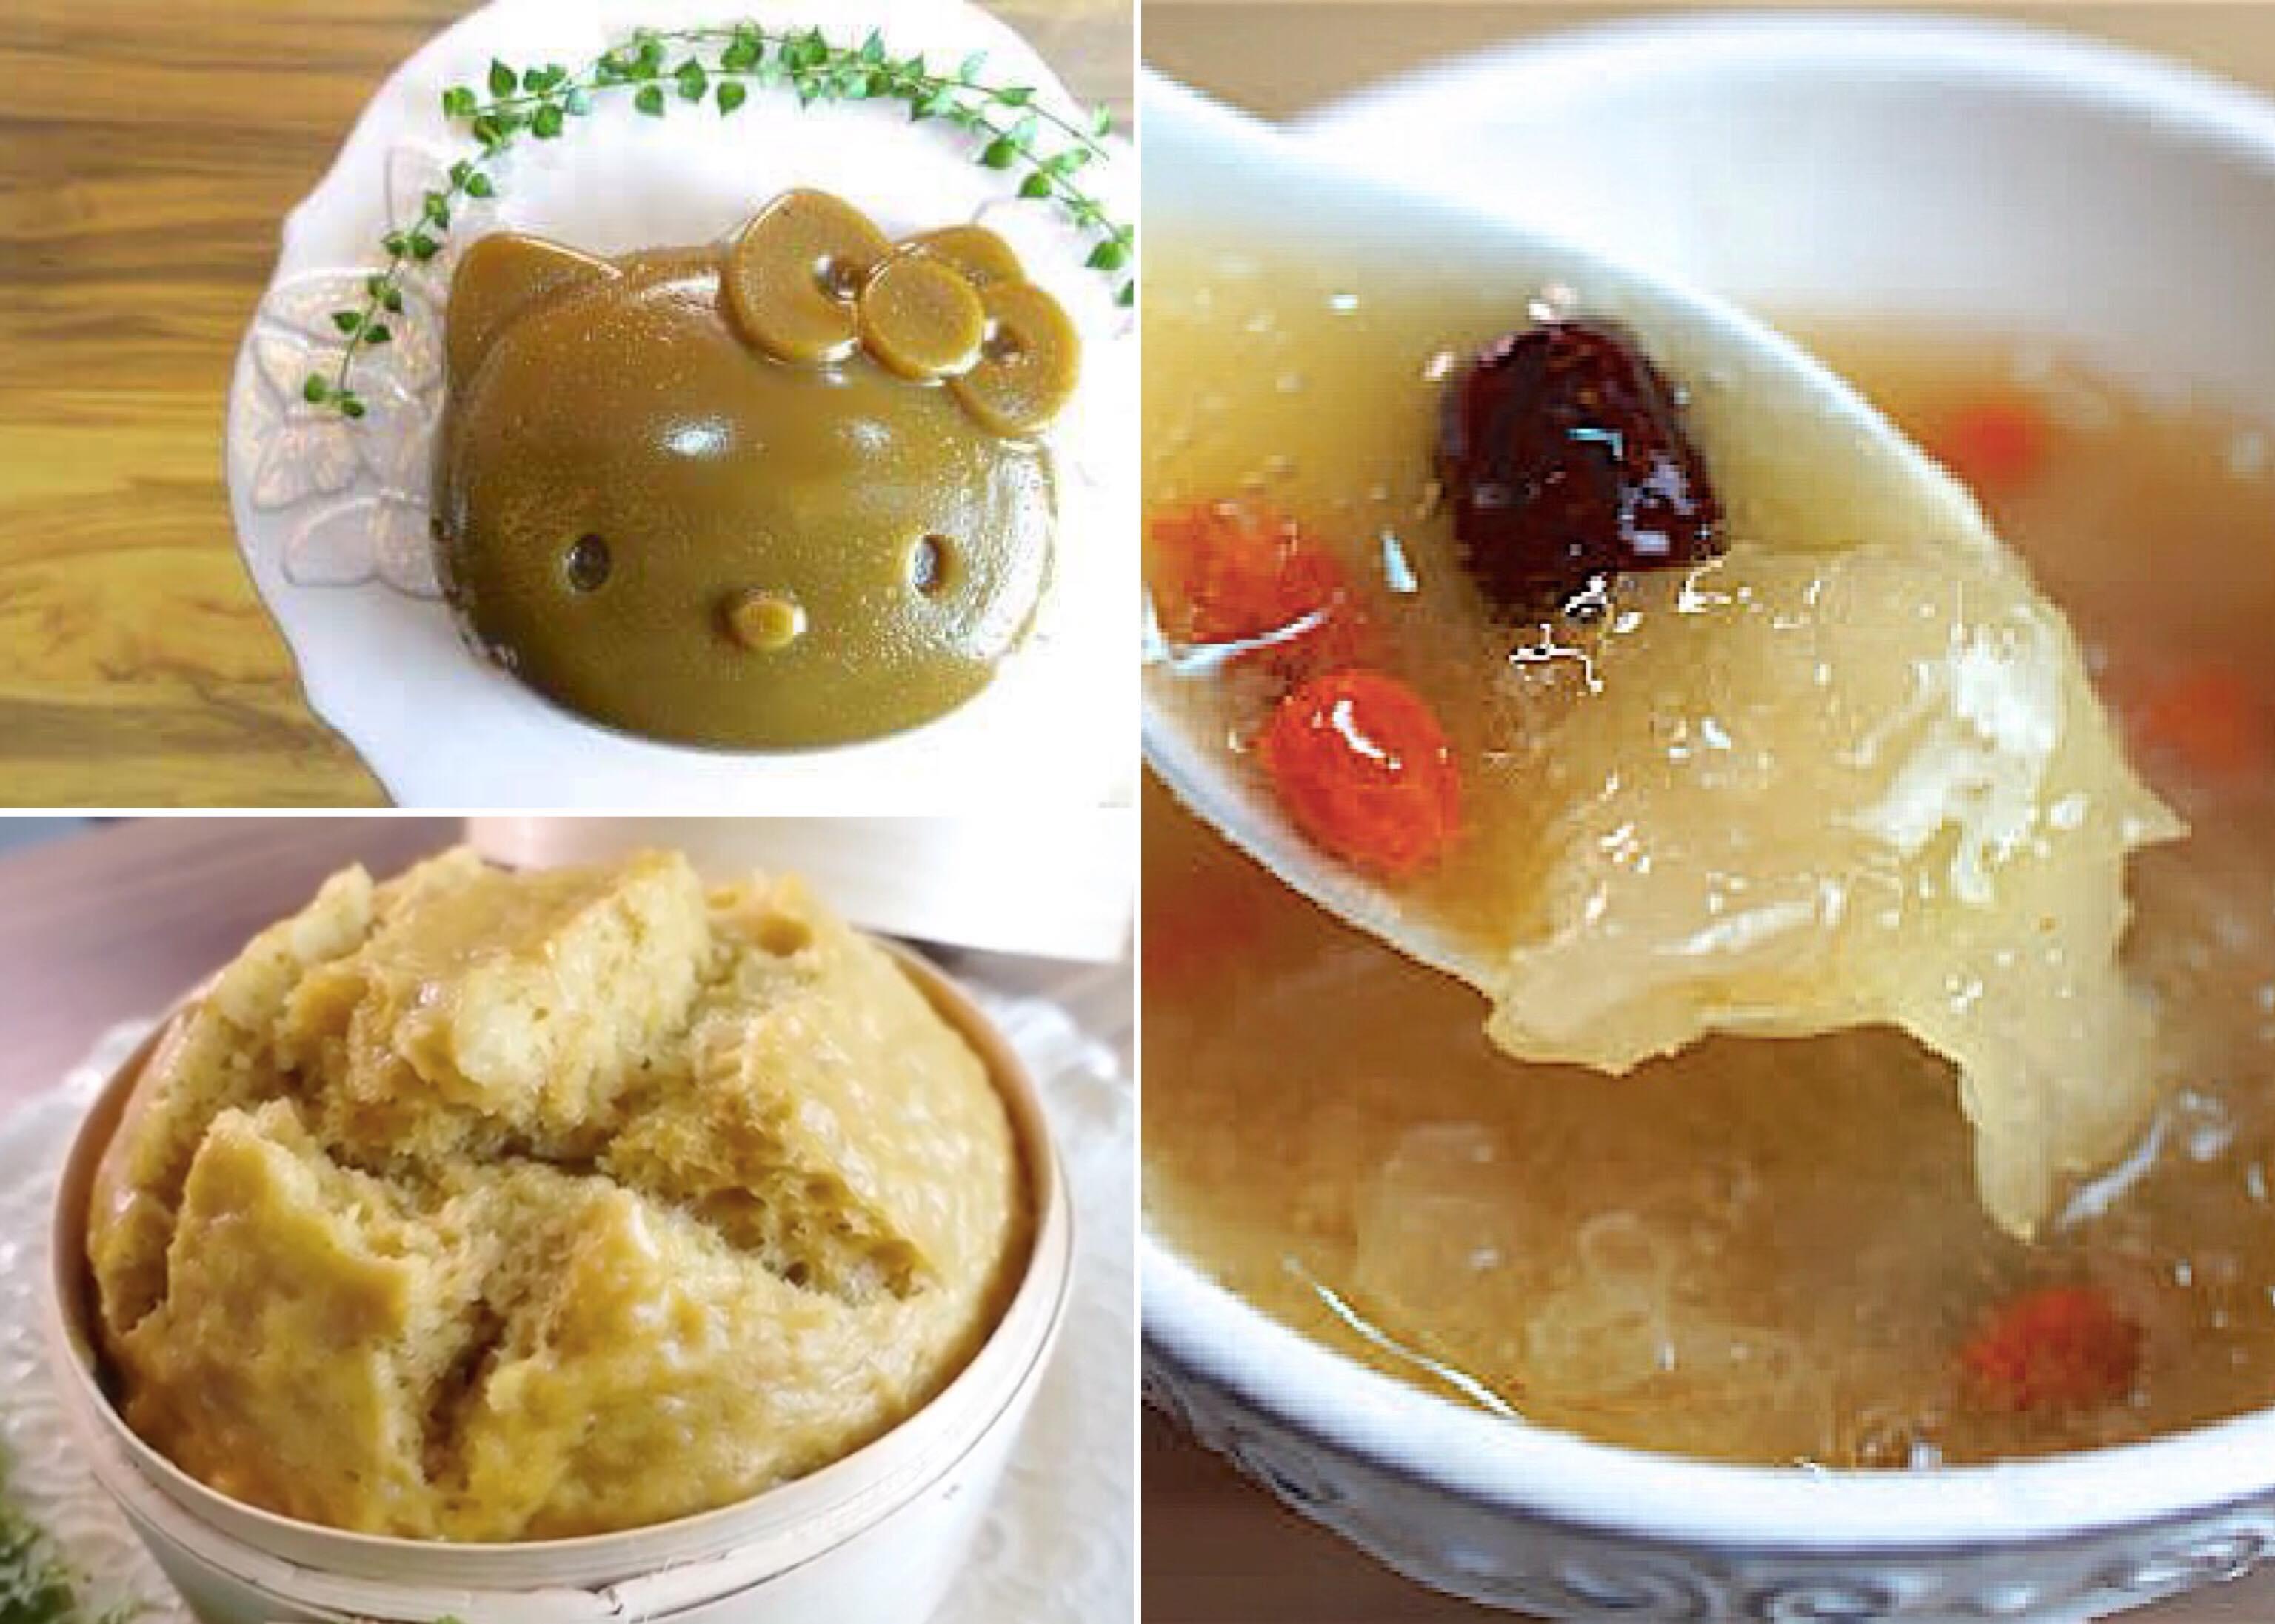 「年菜甜點要做什麼?」這 6 個你最熟悉卻不一定會做的年菜,教你一次輕鬆上手!